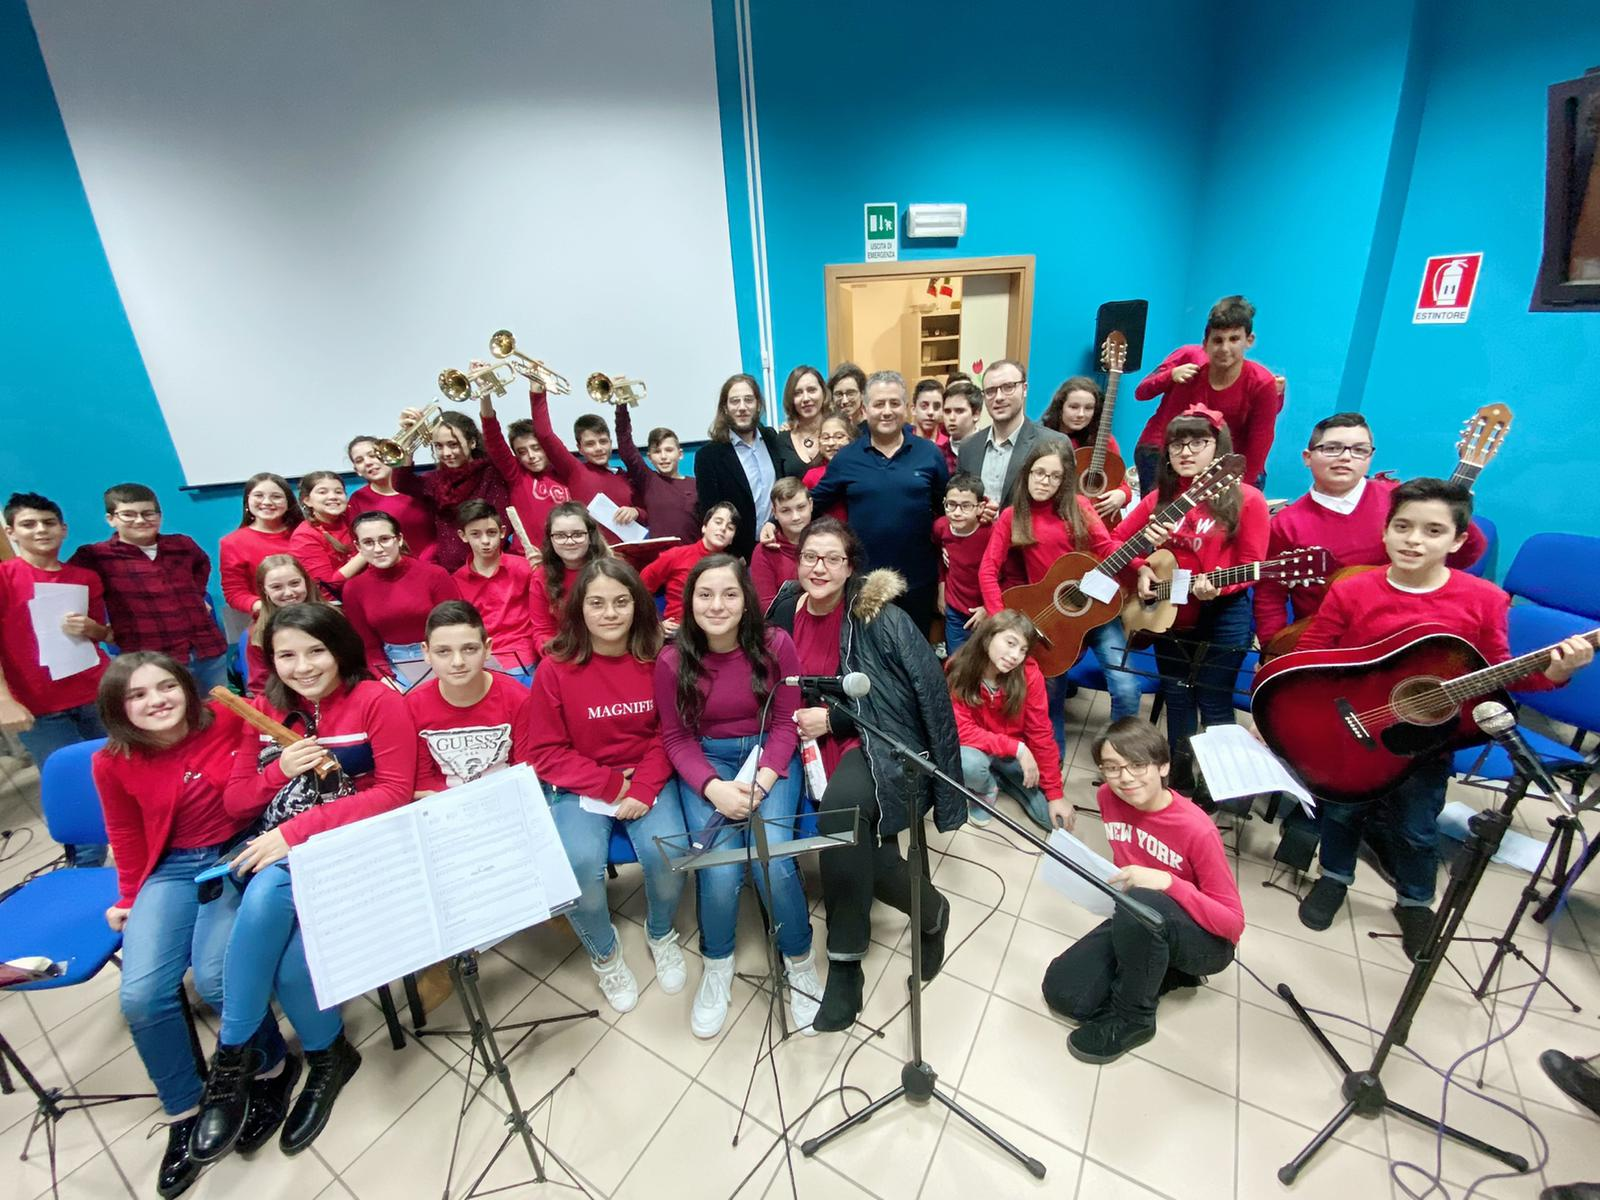 Il primo concerto degli studenti della Navarra: ed è subito magia